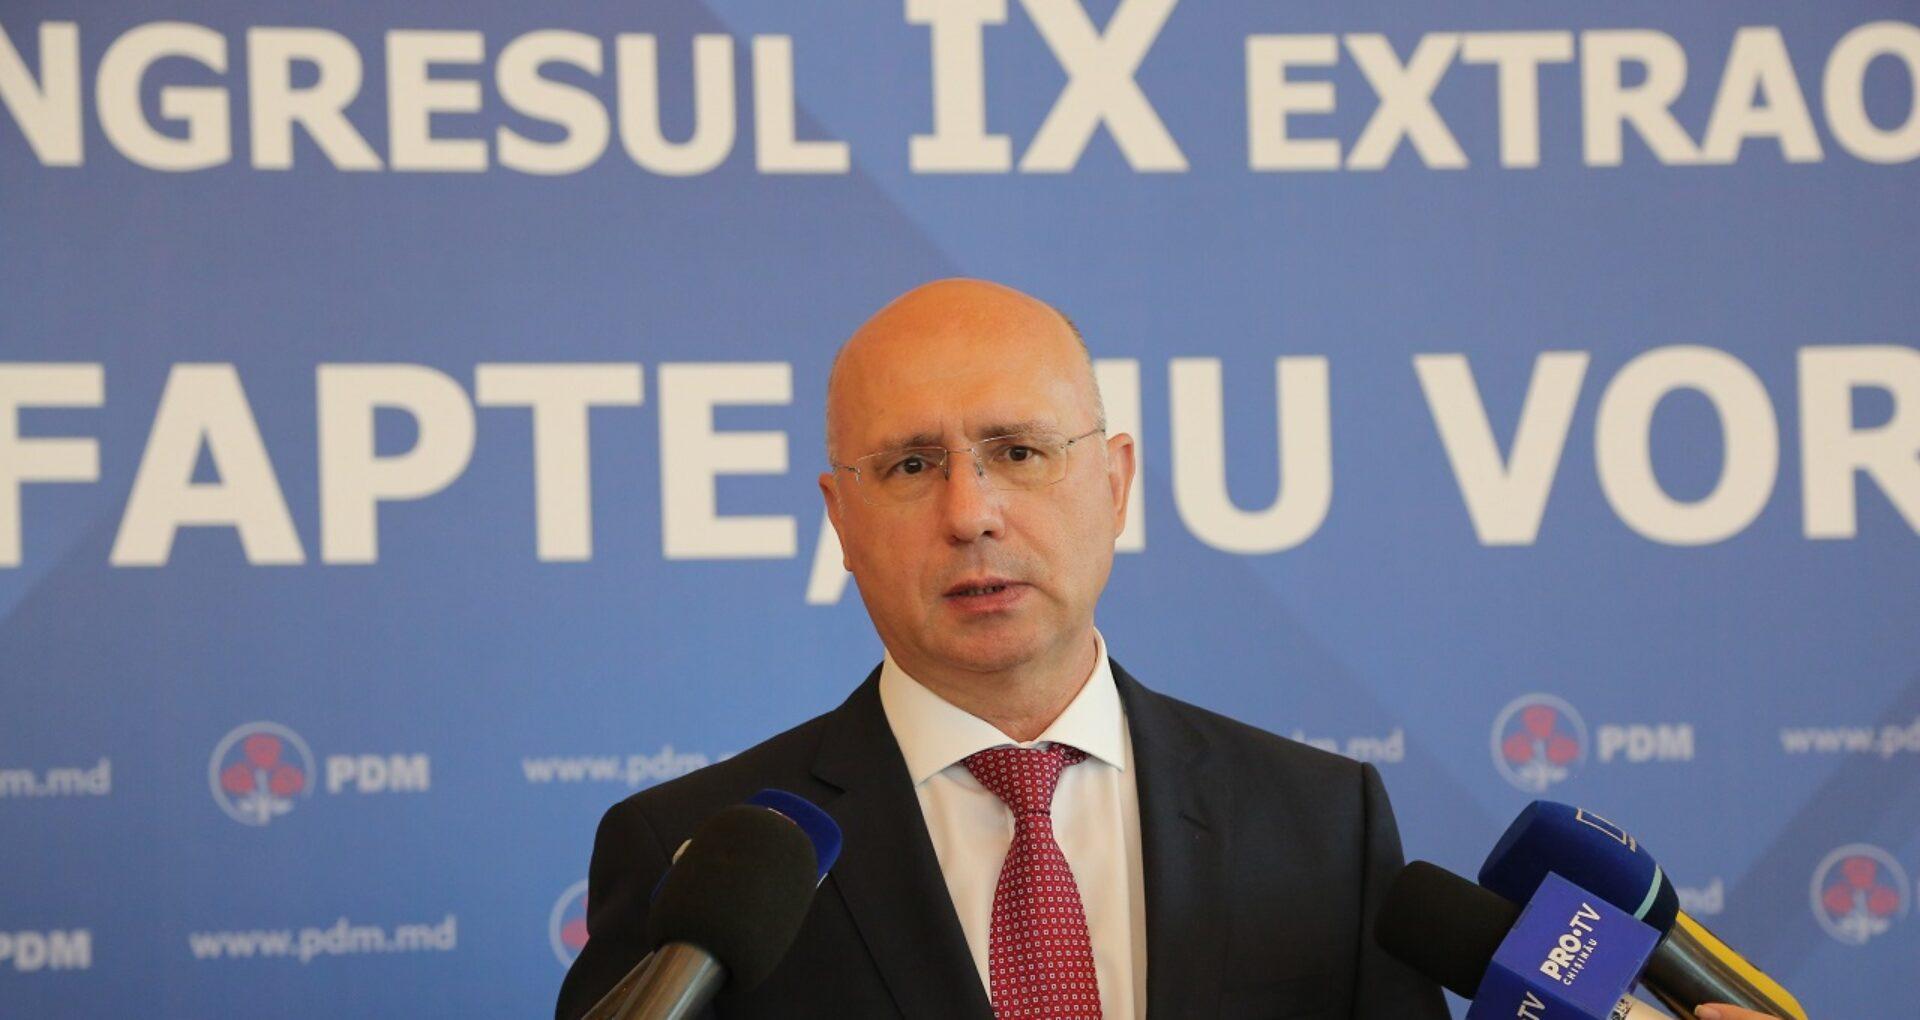 """VIDEO/ Pavel Filip cere președintei consultări: """"Suntem datori să le spunem oamenilor ce îi așteaptă"""""""